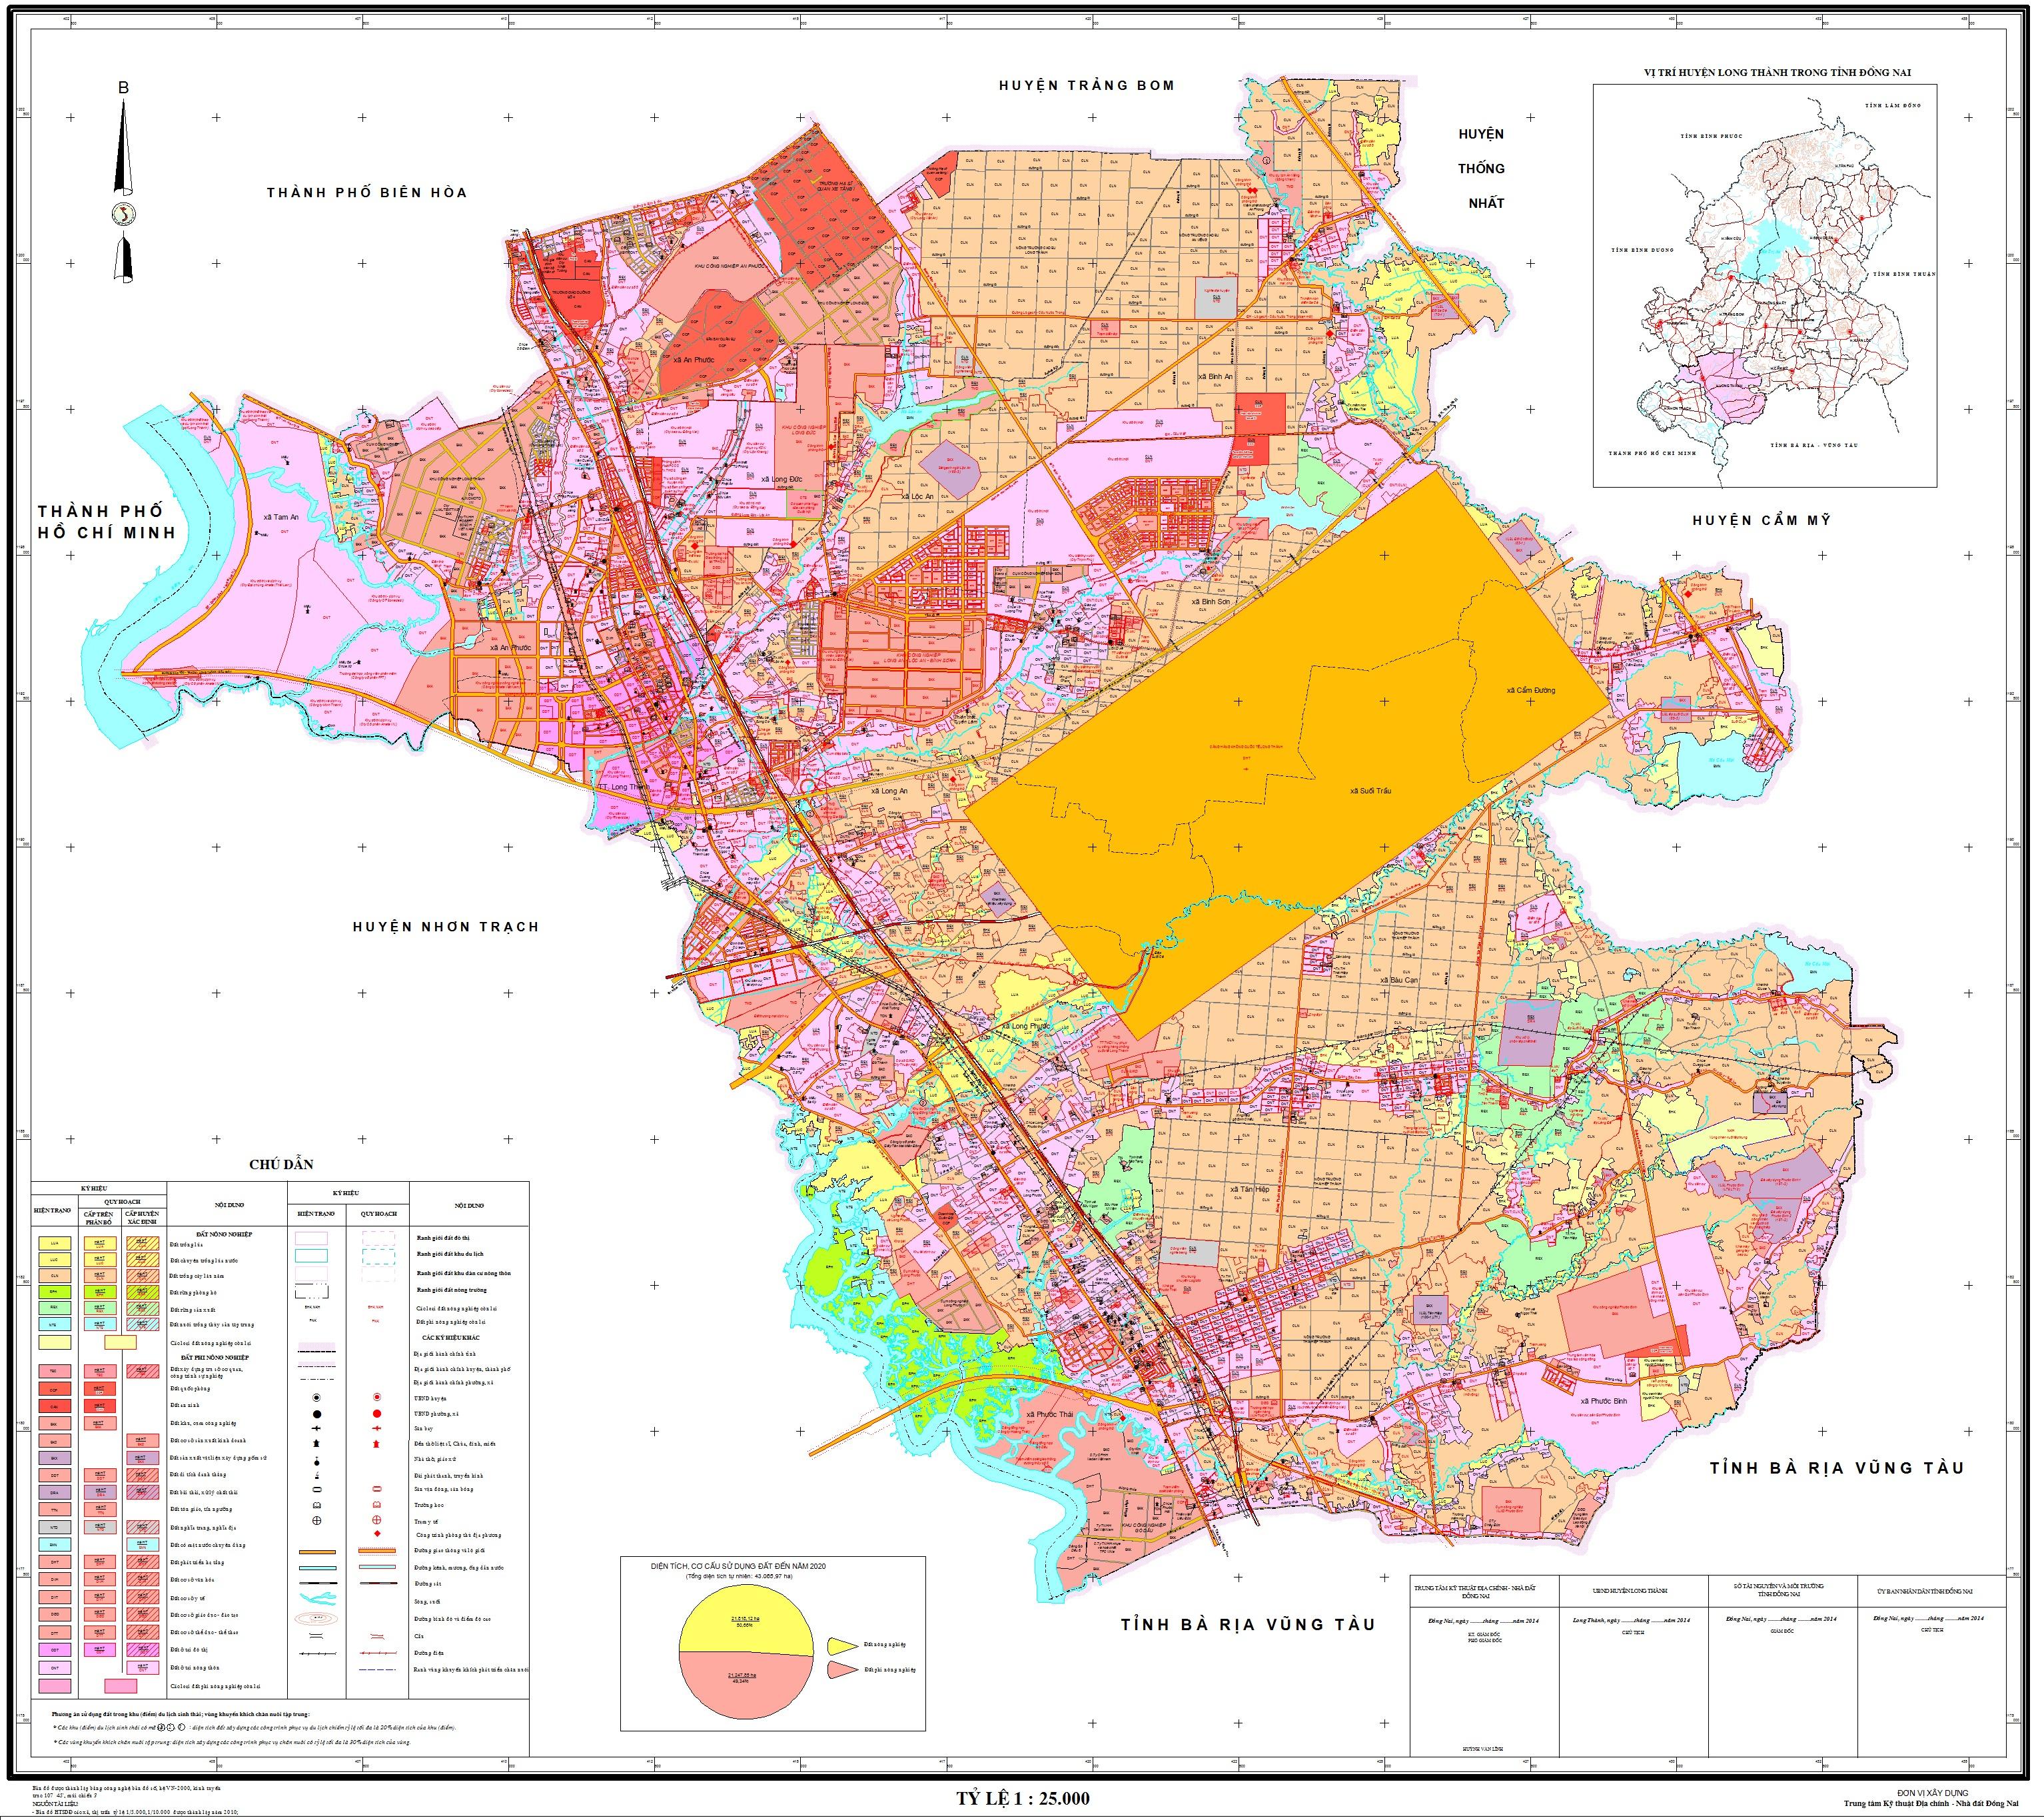 Bản đồ quy hoạch huyện Long Thành (Đồng Nai)